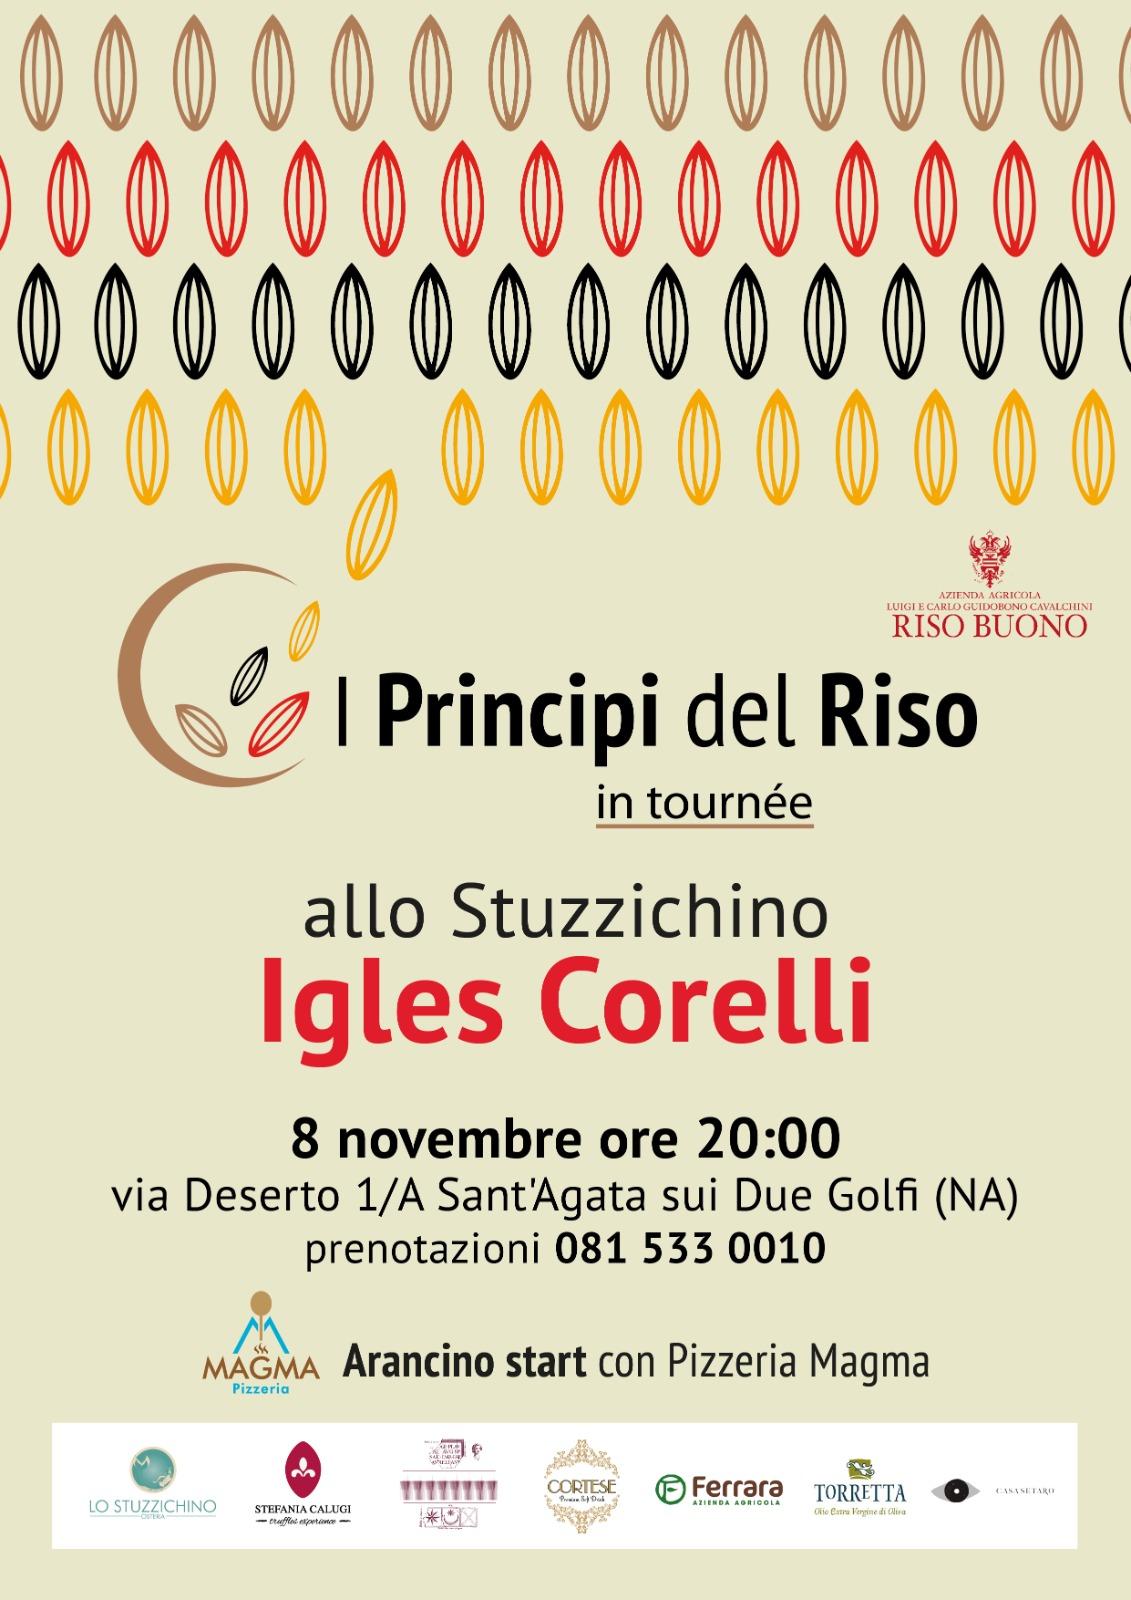 I Principi del Riso in tournée in Campania